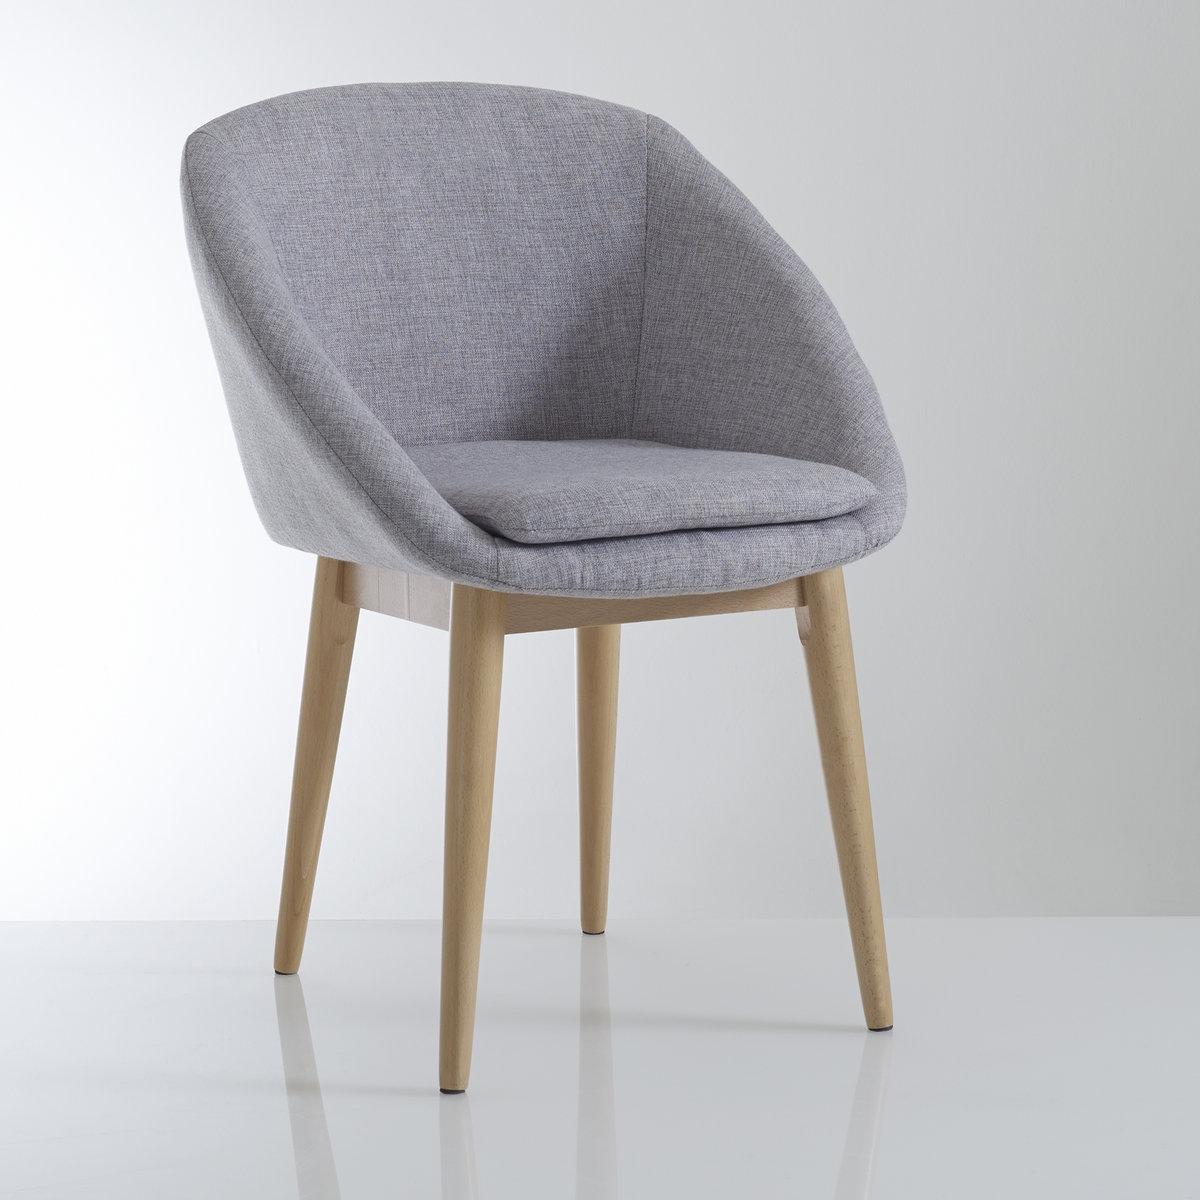 Кресло обеденное JIMIОбеденное кресло Jimi : обеденное или офисное кресло с удобными подлокотниками для большего стиля и комфорта !Размеры :Длина : 56 см  Высота : 79 смГлубина : 56 смСиденье : 33 x 49 x 43 смОписание кресла :Каркас сиденья из фанеры и стали.Подвеска в виде эластичных перекрещенных ремней, закрепленных скобамиНожки из массива бука с лаковым нитроцеллюлозным покрытиемОбивка 100% полиэстер.Комфорт :Каркас : наполнитель из полиуретановой пены, 25 кг/м?.Для оптимального качества и устойчивости рекомендуется надежно затянуть болты. Доставка :Поставляется в полуразобранном состоянии  (ножки привинчиваются ). Доставка будет осуществлена до вашей квартиры по предварительному согласованию!Внимание ! Убедитесь, что дверные, лестничные и лифтовые проемы позволяют осуществить доставку коробки таких габаритов Размеры и вес упаковки :1 коробка62 x 32 x 64 см, 9 кг<br><br>Цвет: бледно-зеленый,набивной рисунок,серый